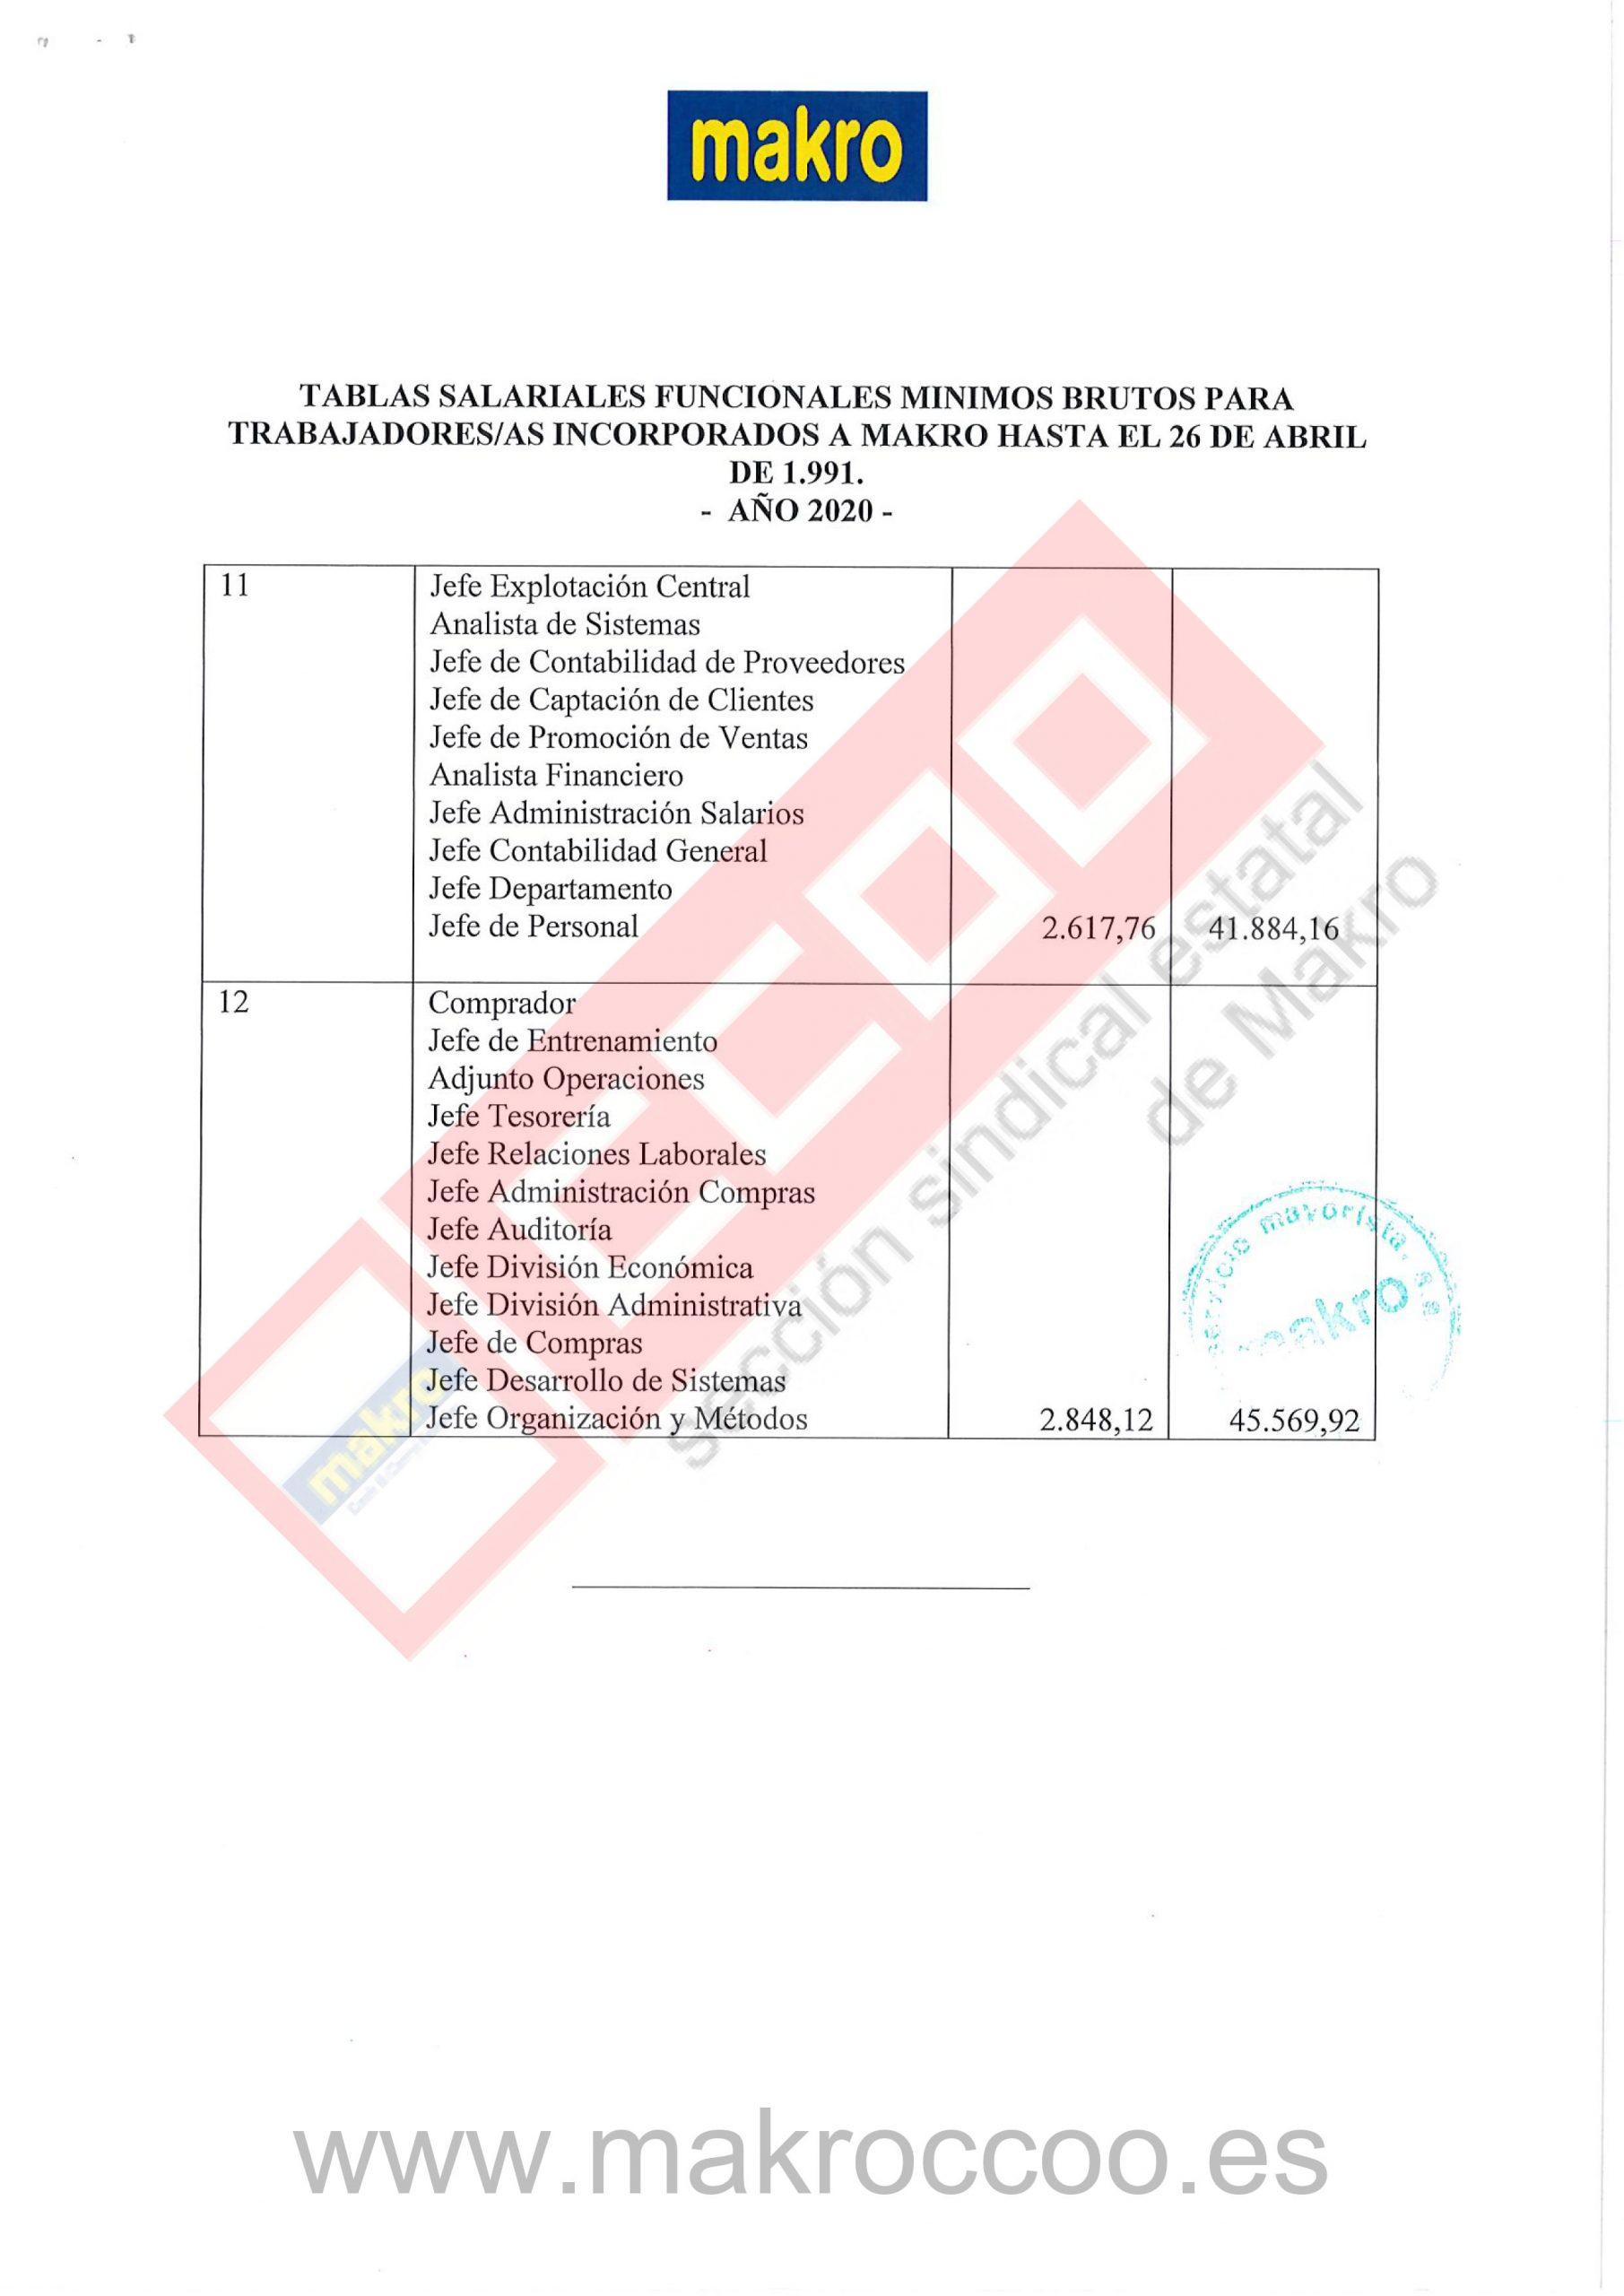 Tablas Salariales 2020 Makro Trabajadores incorporados hasta 26 04 1991-3